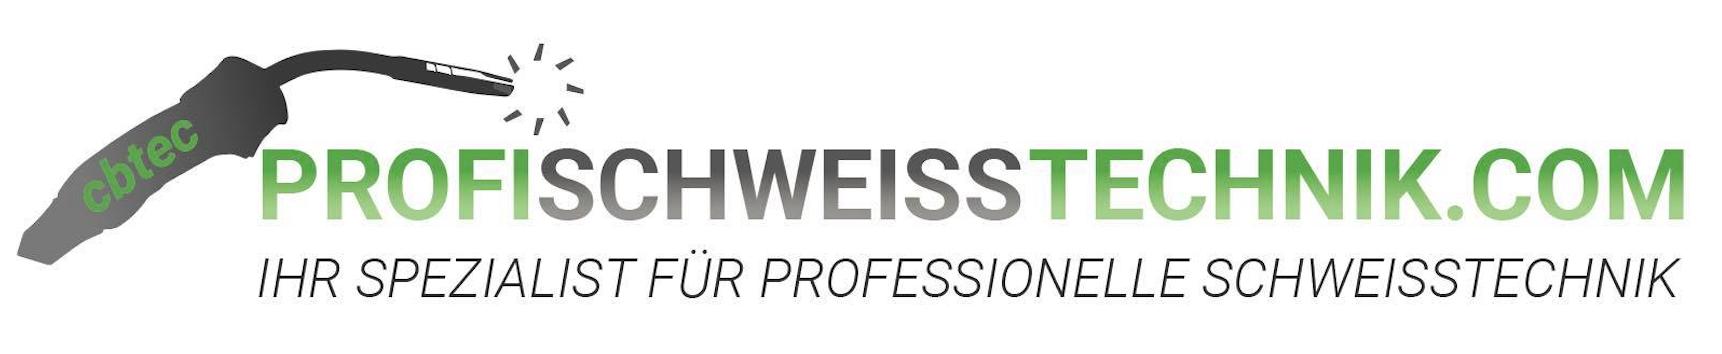 profischweisstechnik.com